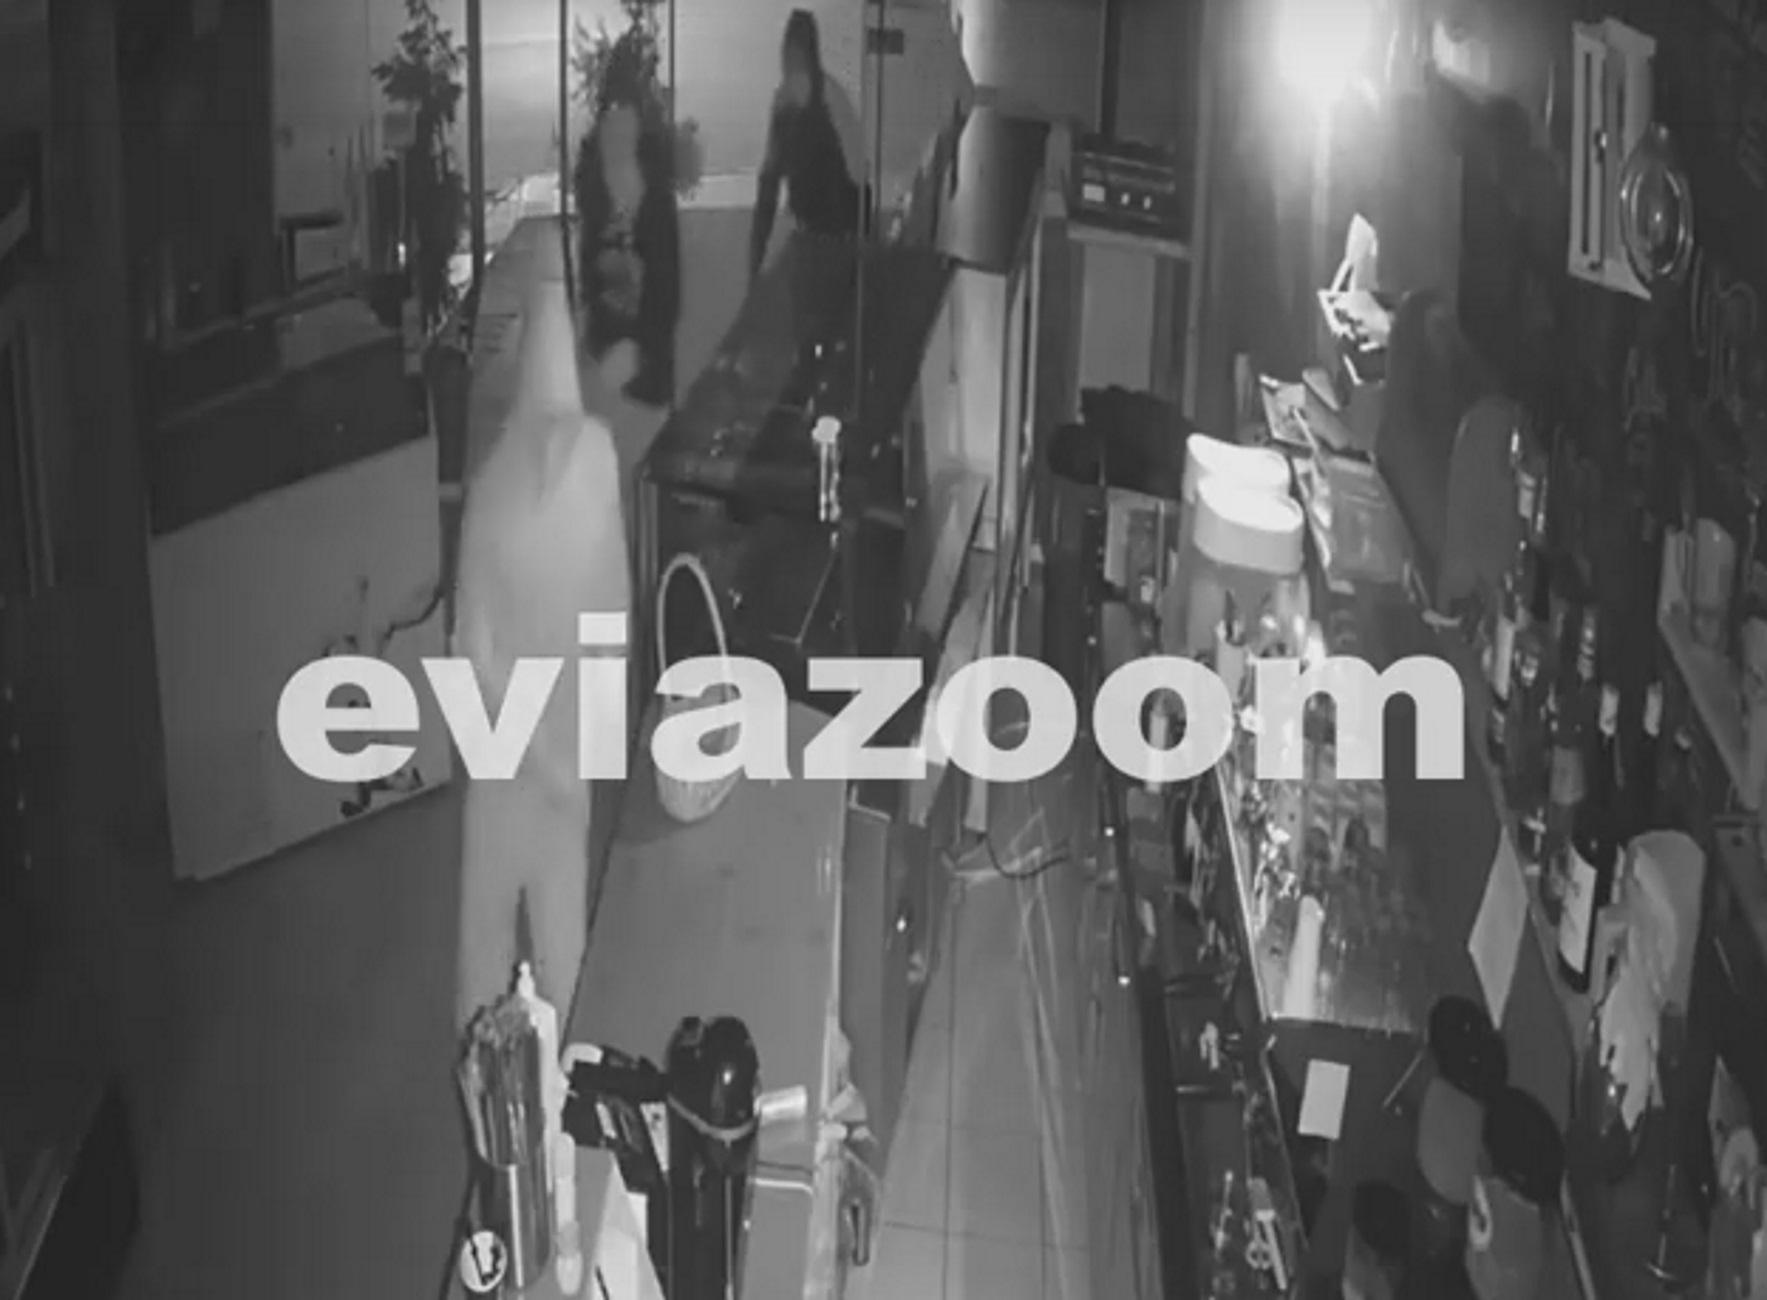 Χαλκίδα: Βίντεο ντοκουμέντο από τη διάρρηξη καφετέριας! Το χτύπημα των 12 δευτερολέπτων (Βίντεο)